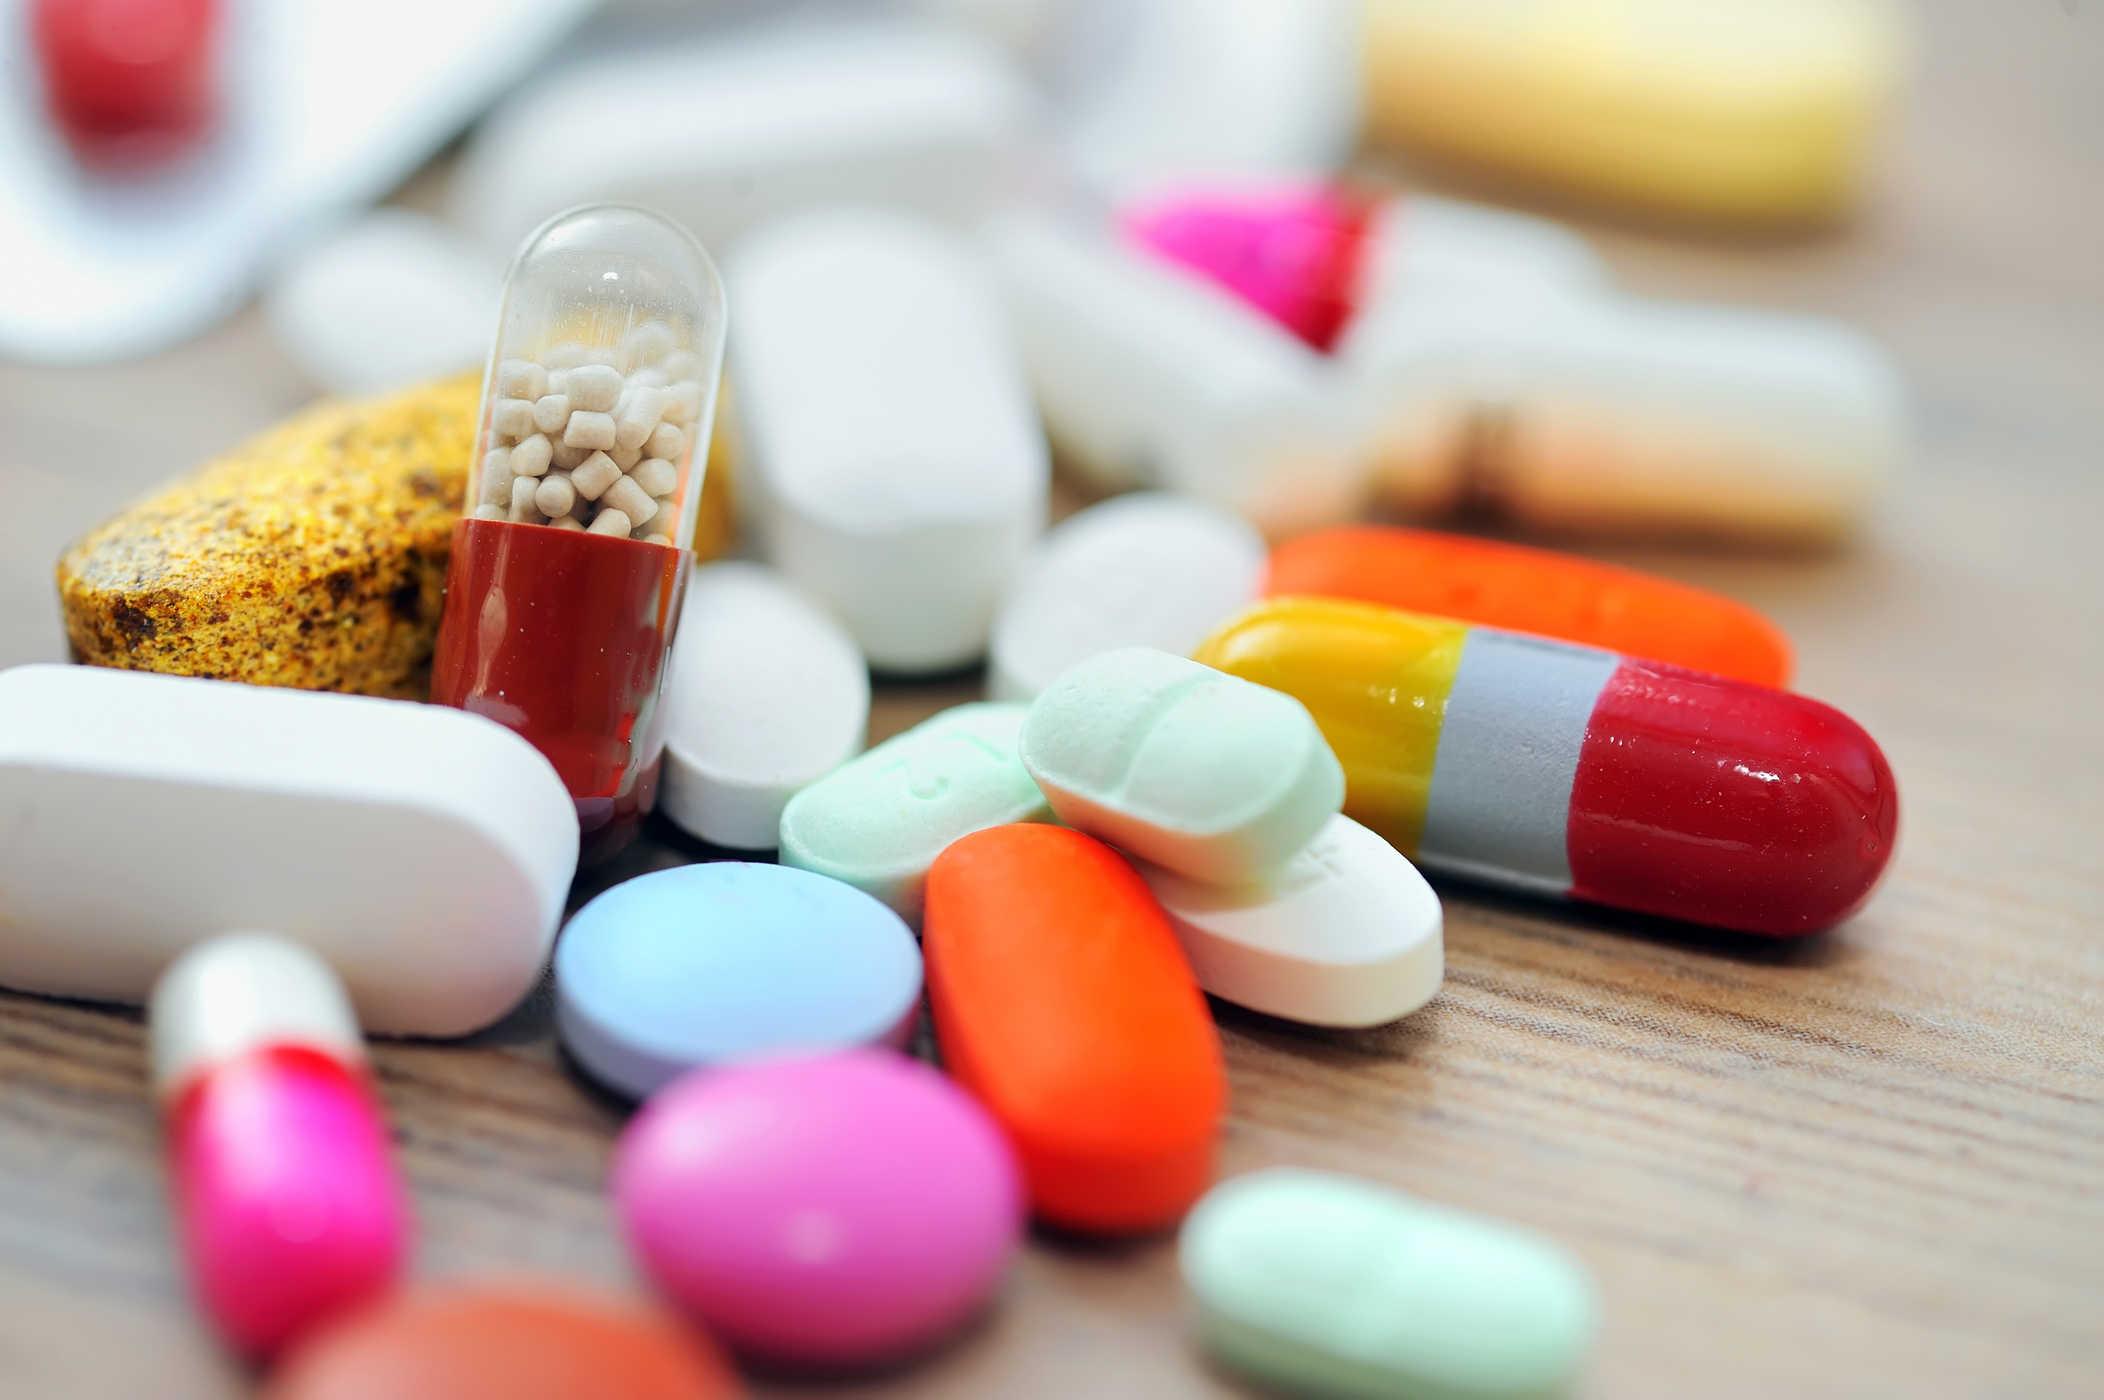 Hà Nội: Phát hiện 2 bệnh viện lớn phát hết thuốc có thành phần gây ung thư